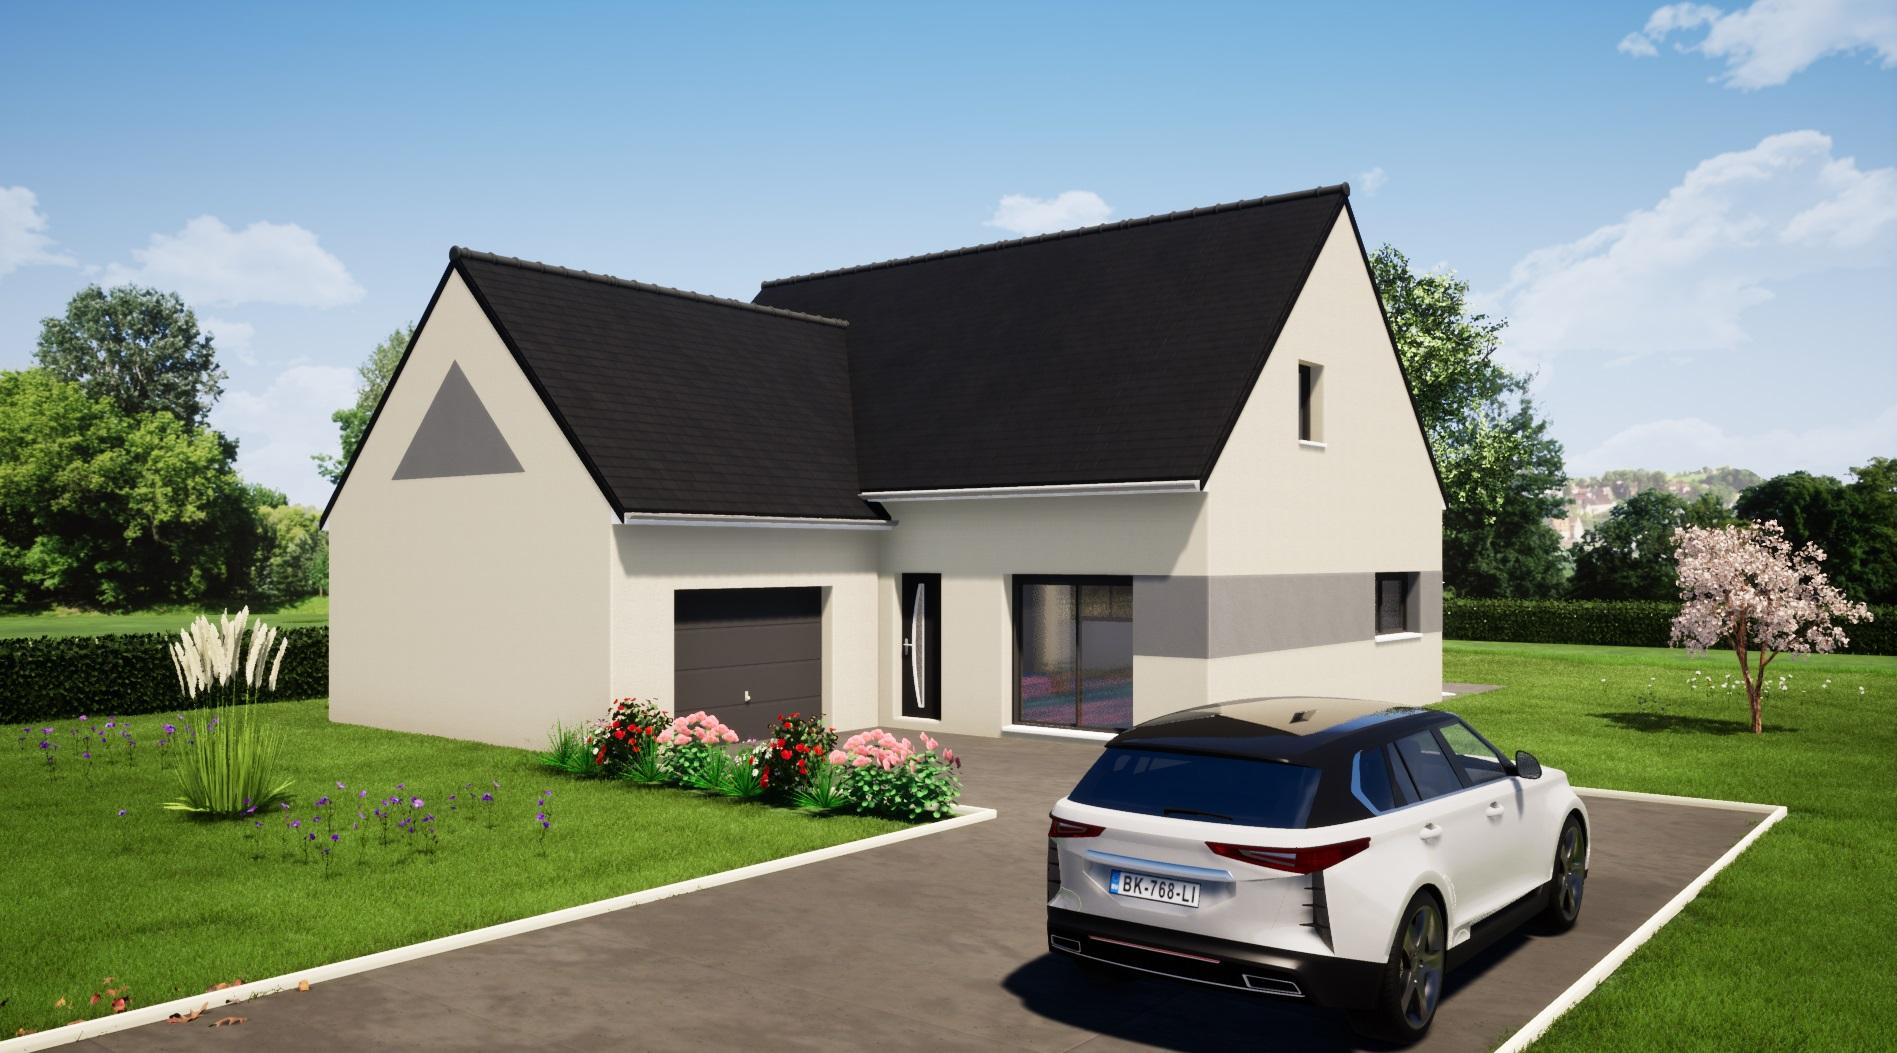 Modèle Fercé sur sarthe 72430 façade avant maison étage 3 chambres + mezzanine constructeur maison le mans constructeur maison en sarthe maisons LG